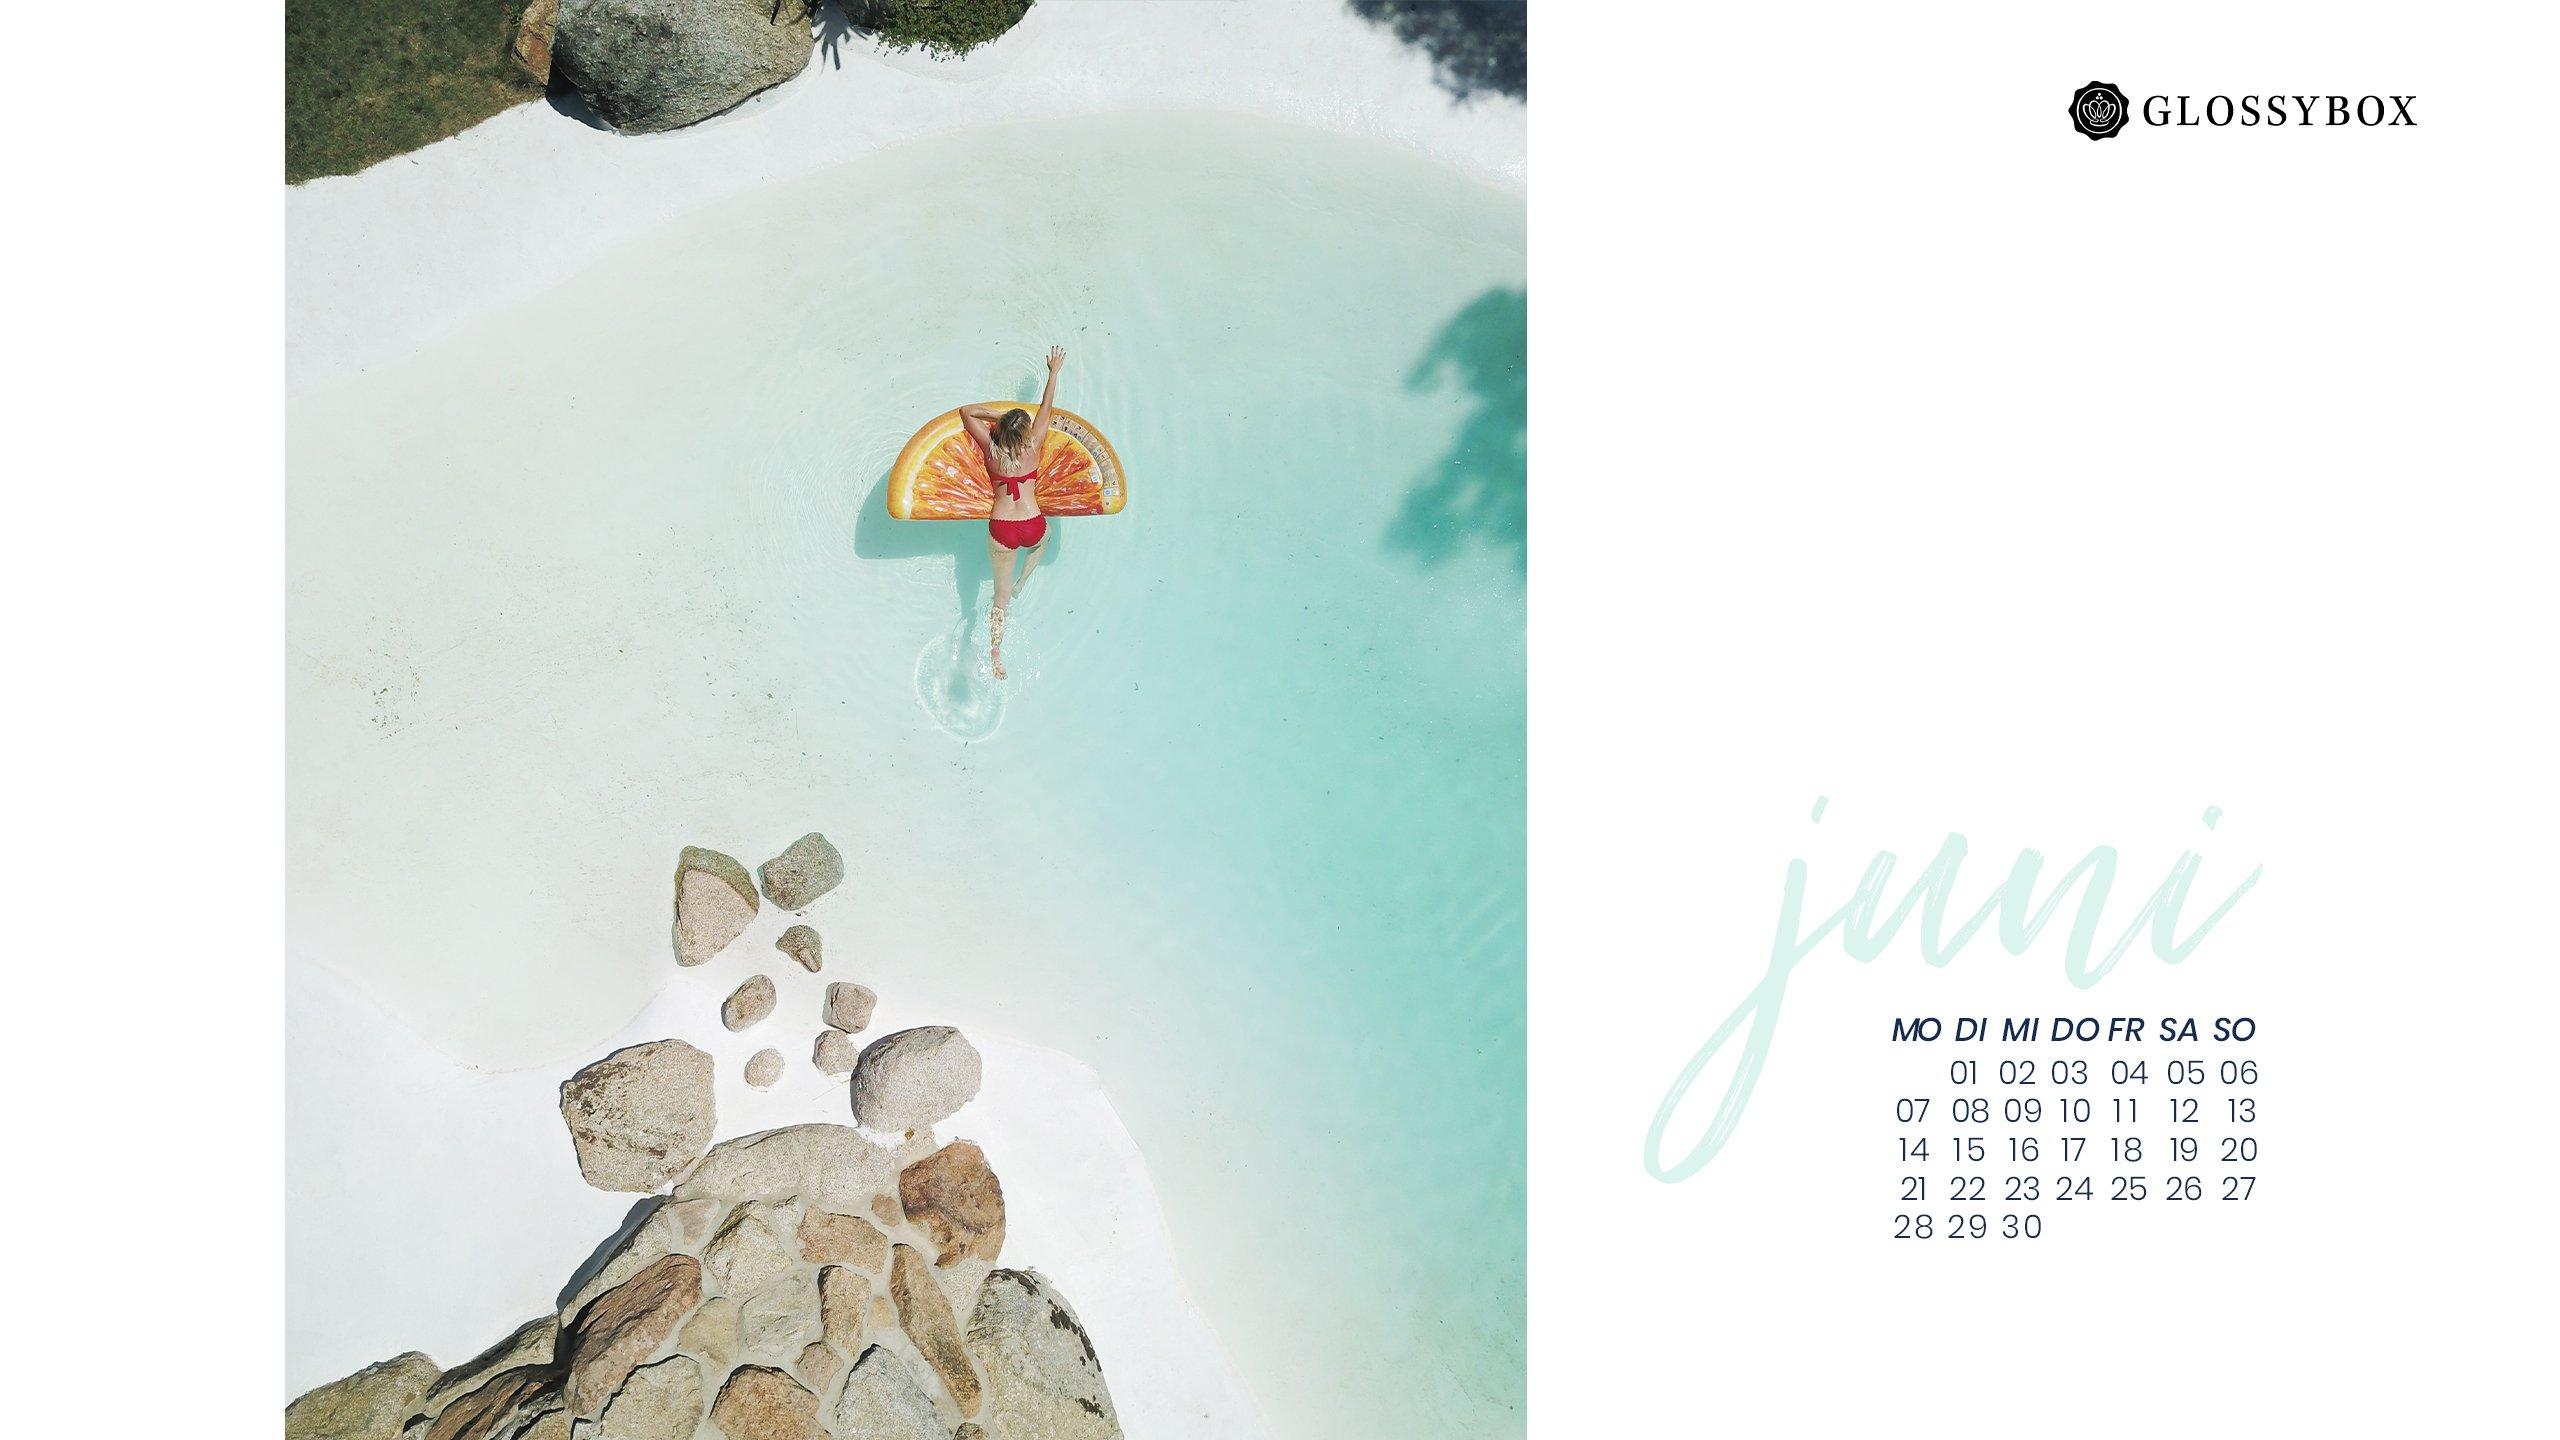 glossybox-wallpaper-screesaver-gratis-juni-poolside-paradise